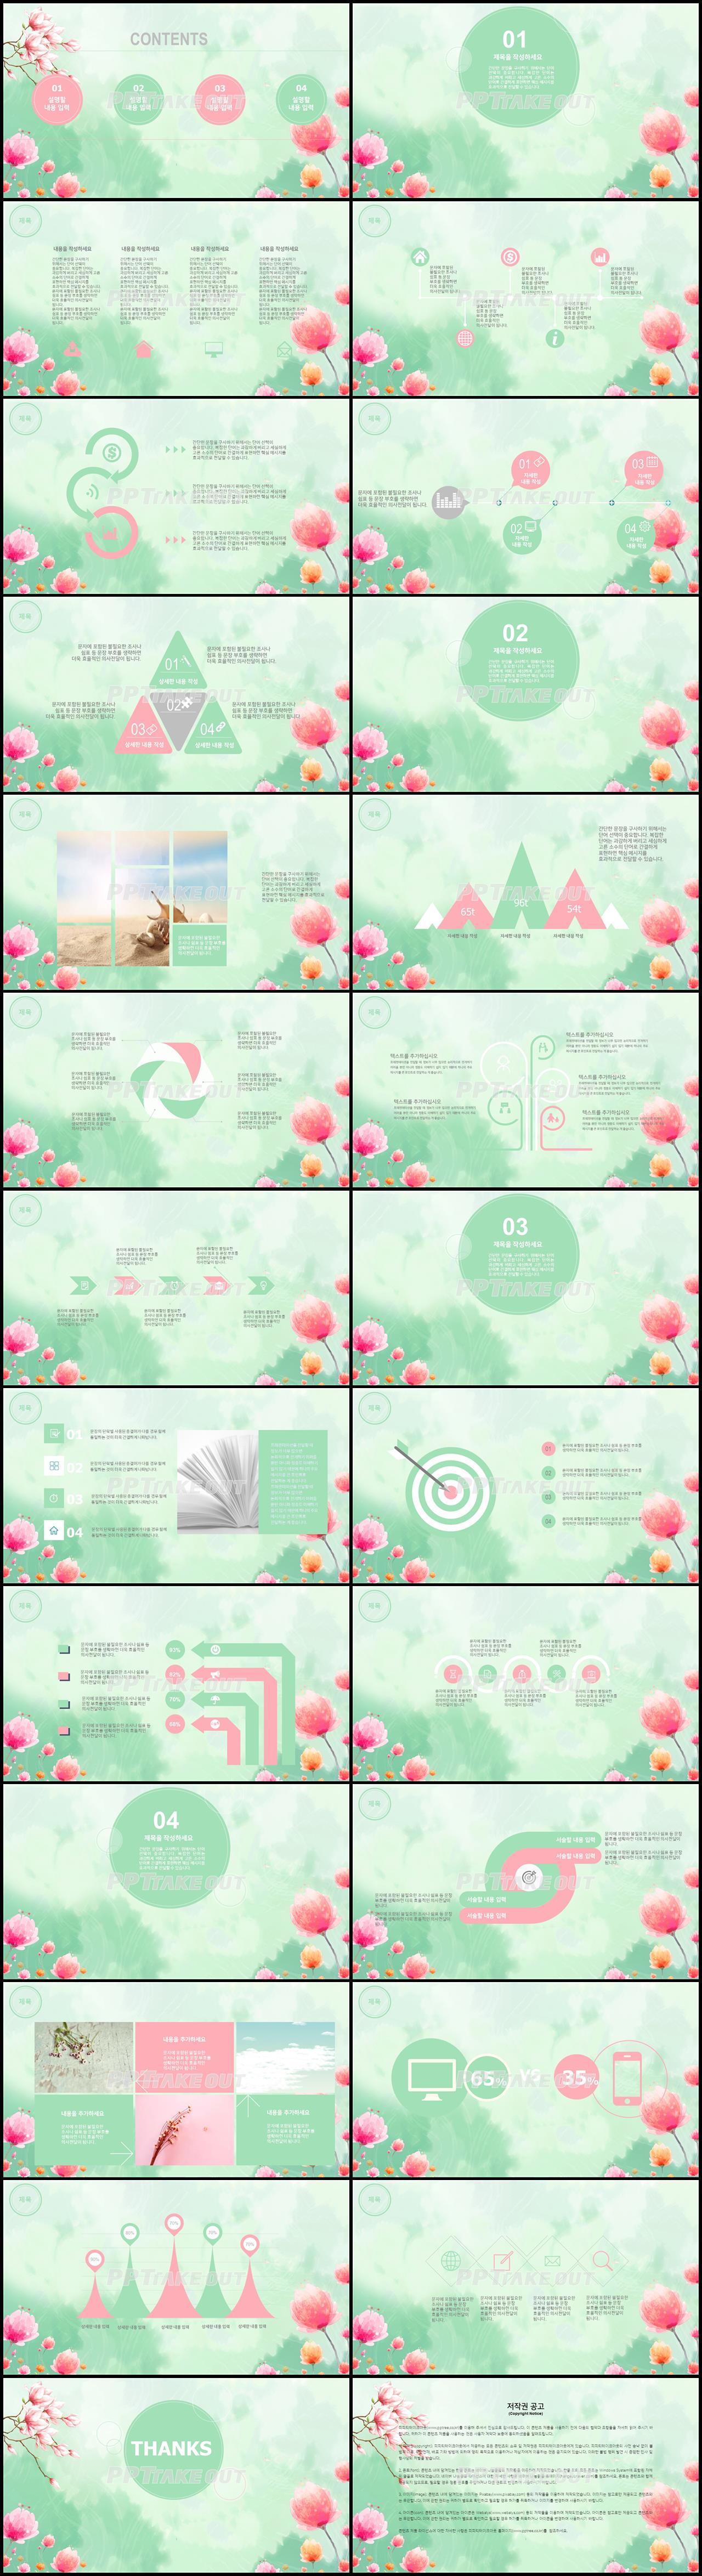 플라워, 동물주제 녹색 단정한 다양한 주제에 어울리는 피피티샘플 디자인 상세보기